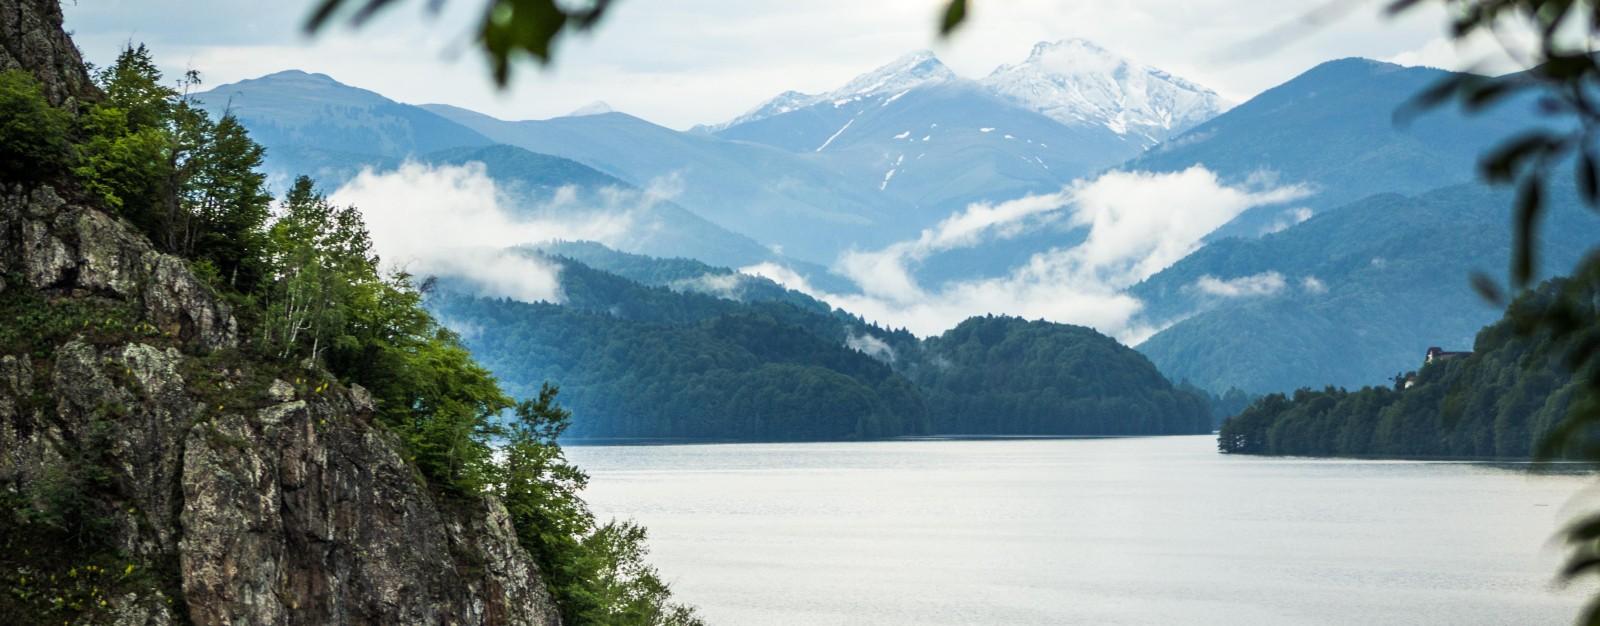 Vidraru Lake, Pure Romania,copyright Iulia Georgescu